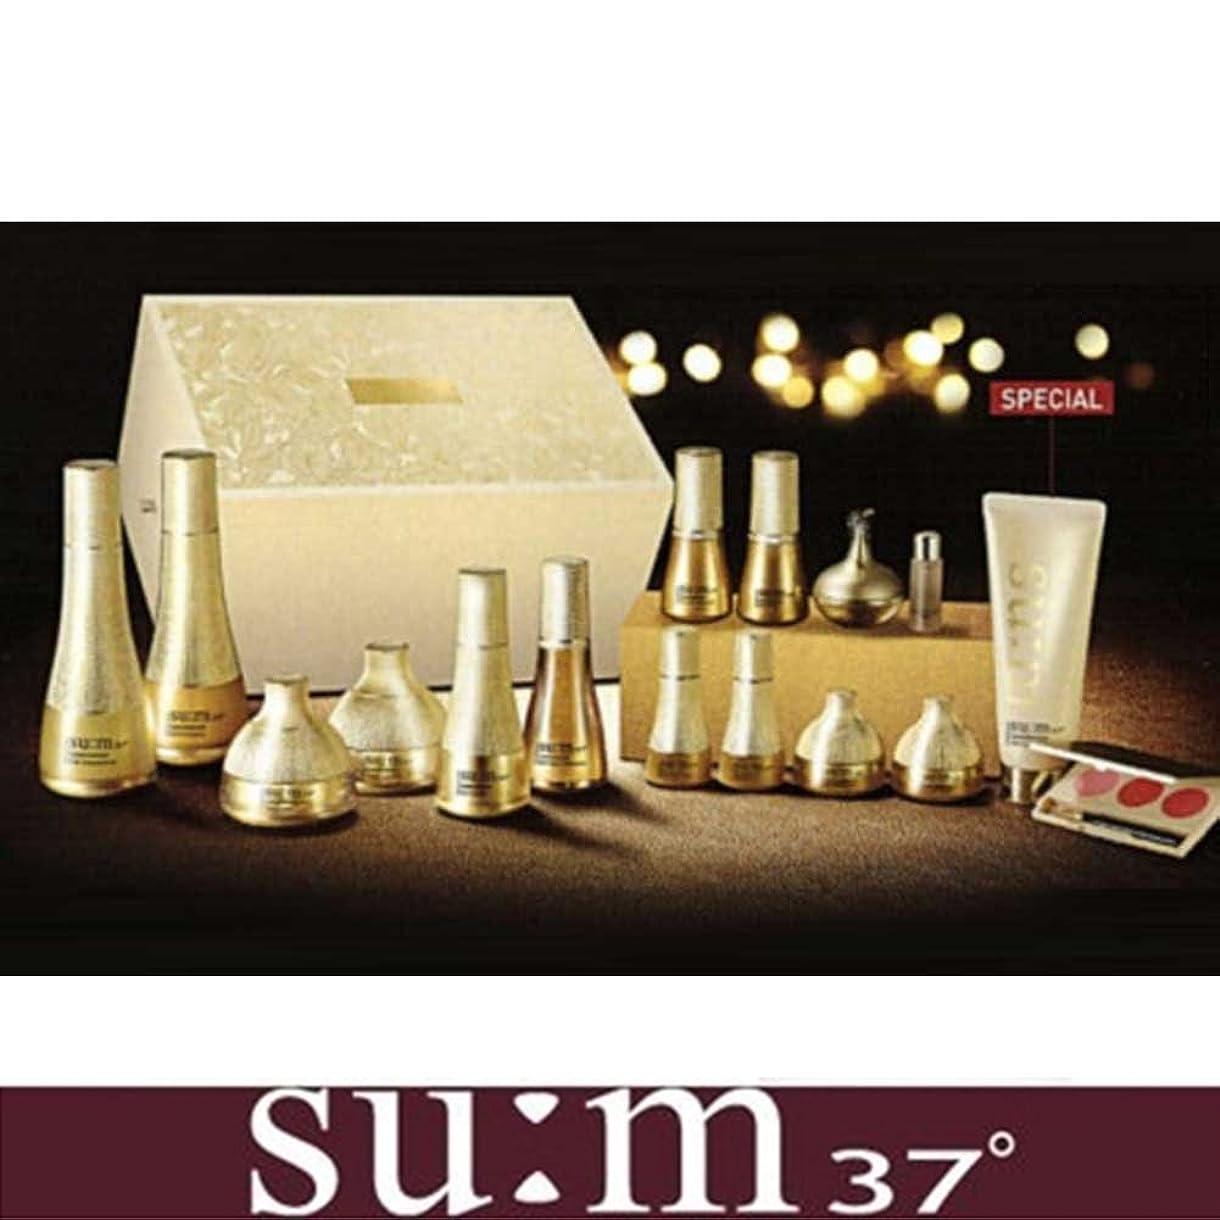 地中海軸ペインギリック[su:m37/スム37°]LosecSumma Premium Special Limited Skincare Set/プレミアムスペシャルリミテッドスキンケアセット + [Sample Gift](海外直送品)